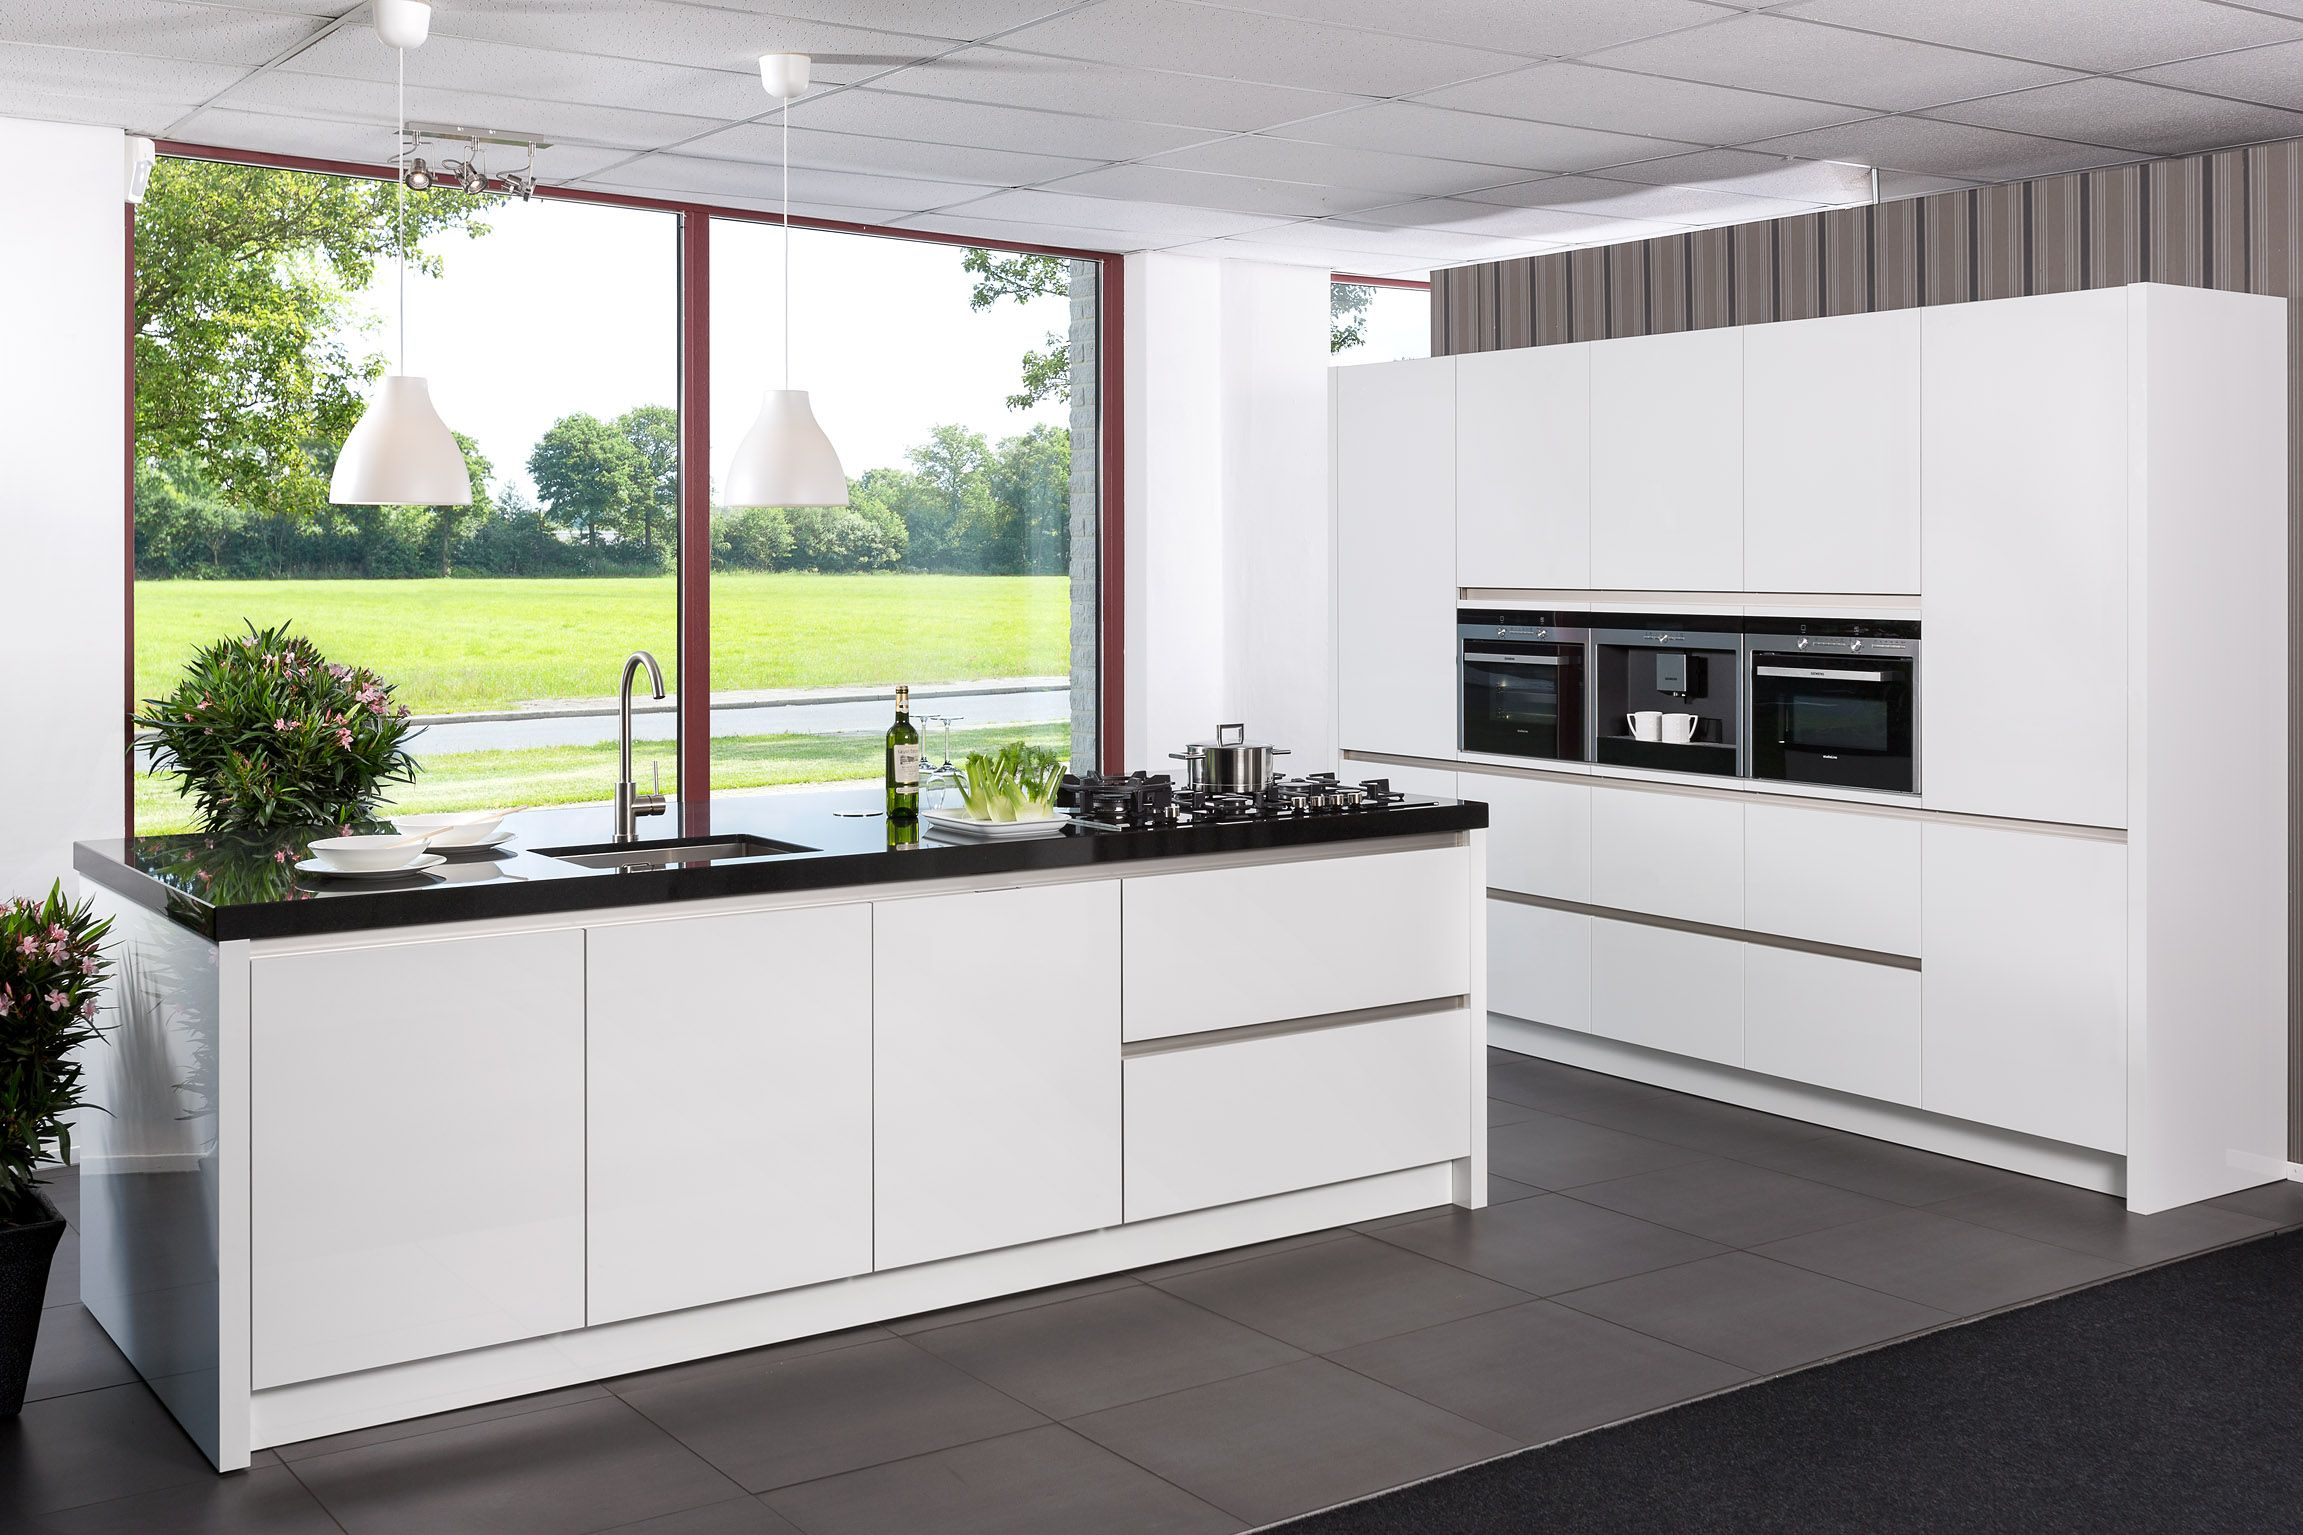 Keuken Met Eiland Afmetingen : keukenaanbod van Nederland GREEPLOZE SIEMENS EILAND KEUKEN [54207